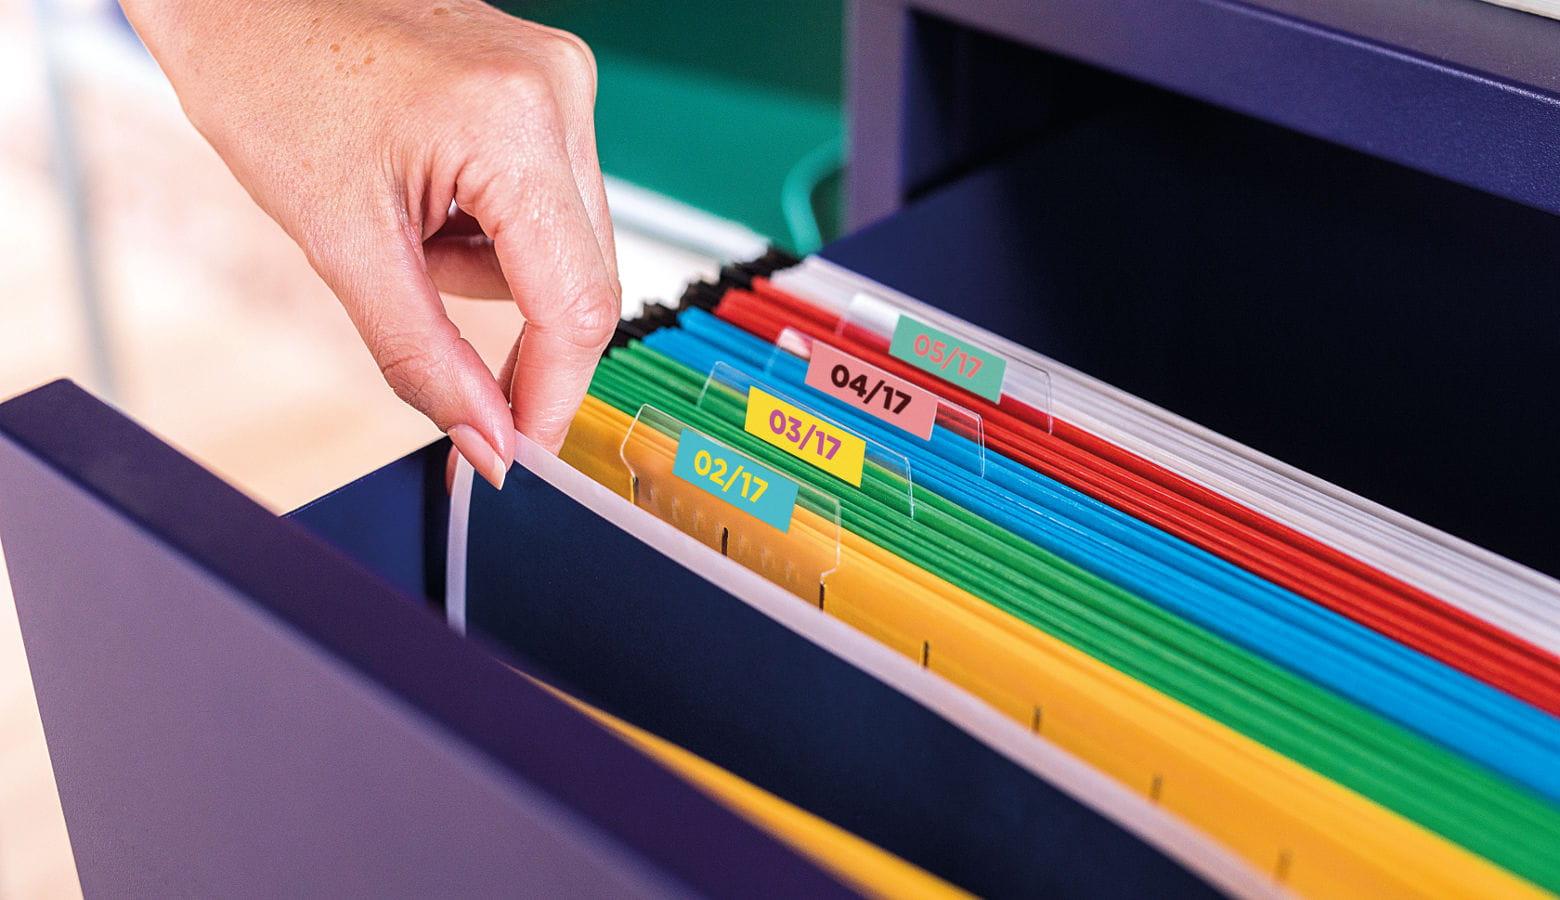 Etiquetas para organização de documentos